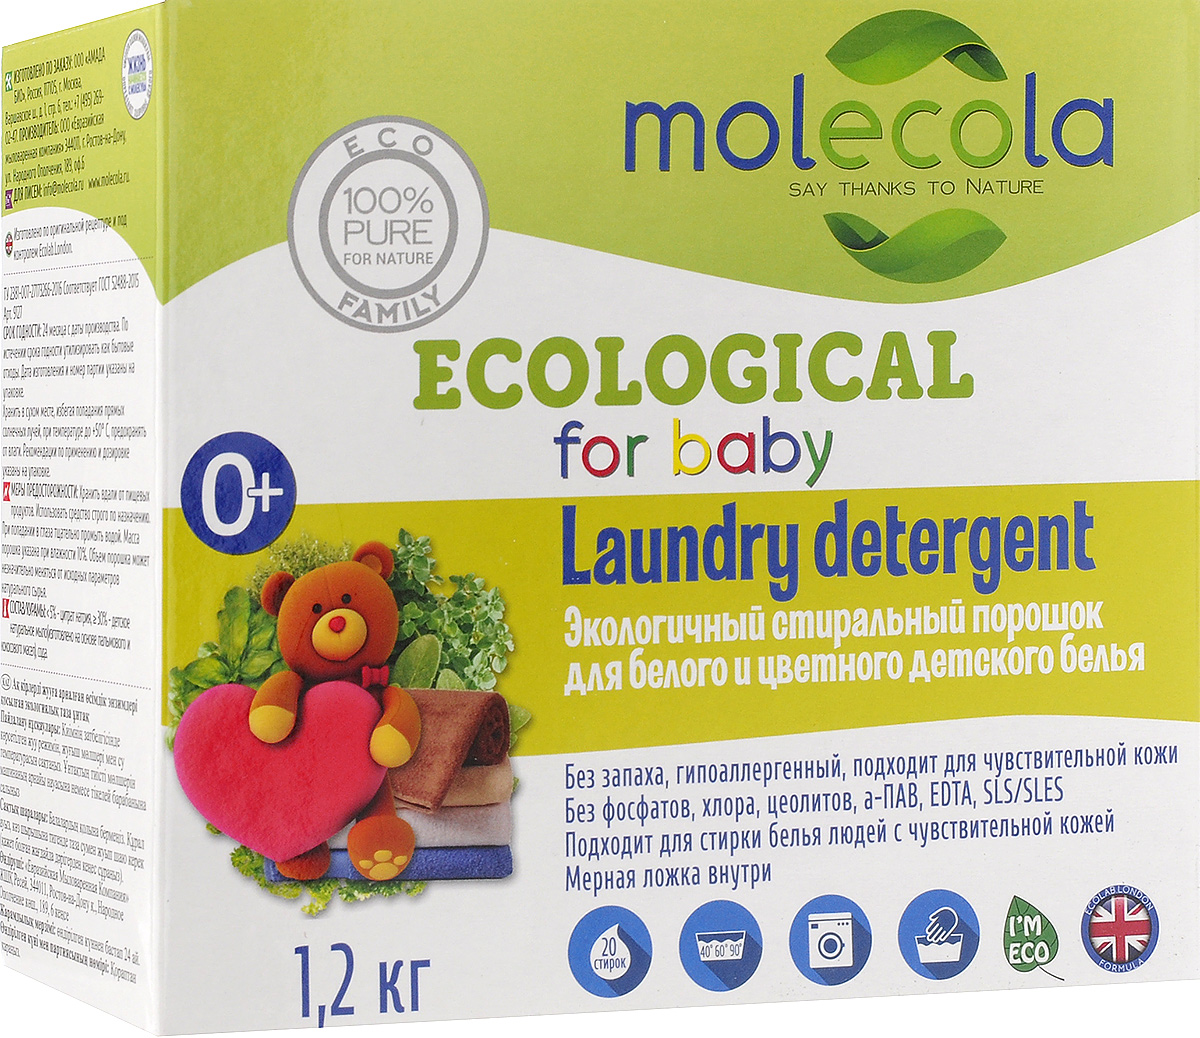 Стиральный порошок Molecola, для белого и цветного детского белья, 1,2 кгGC204/30Порошок Molecola мягко отстирывает и освежает детское белье и одежду для всех видов тканей, благодаря входящим в состав компонентам на растительной основе. Натуральное мыло эффективно устраняет свежие и стойкие загрязнения, способствует естественному отбеливанию. Сода активирует и усиливает моющую способность компонентов, поэтому для достижения желаемого результата при стирке требуется меньшее количество средства. Цитрат натрия смягчает воду и защищает стиральную машину машину от образования известкового налета. При соблюдении режима дозировки стиральный порошок быстро растворяется, легко и без остатка вымывается из ткани при полоскании. Благодаря деликатной формуле порошок помогает сохранить первоначальный вид детской одежды после многократных стирок. Экологичный стиральный порошок для детского белья Molecola является безопасный, как для детей с первых дней жизни, так и для окружающей среды:- порошок состоит из 100% натуральных компонентов,- средство не содержит фосфатов, оптических отбеливателей, агрессивных ПАВ, цеолитов, хлора, силикатов, красителей, нефтепродуктов, других токсичных веществ и безопасно в ручном способе стирки,- порошок идеально подходит для стирки детской одежды с первых дней жизни ребенка, а также для ухода за одеждой людей с чувствительной кожей,- порошок полностью биоразлагаем, не наносит ущерба природным источникам воды.Товар сертифицирован.